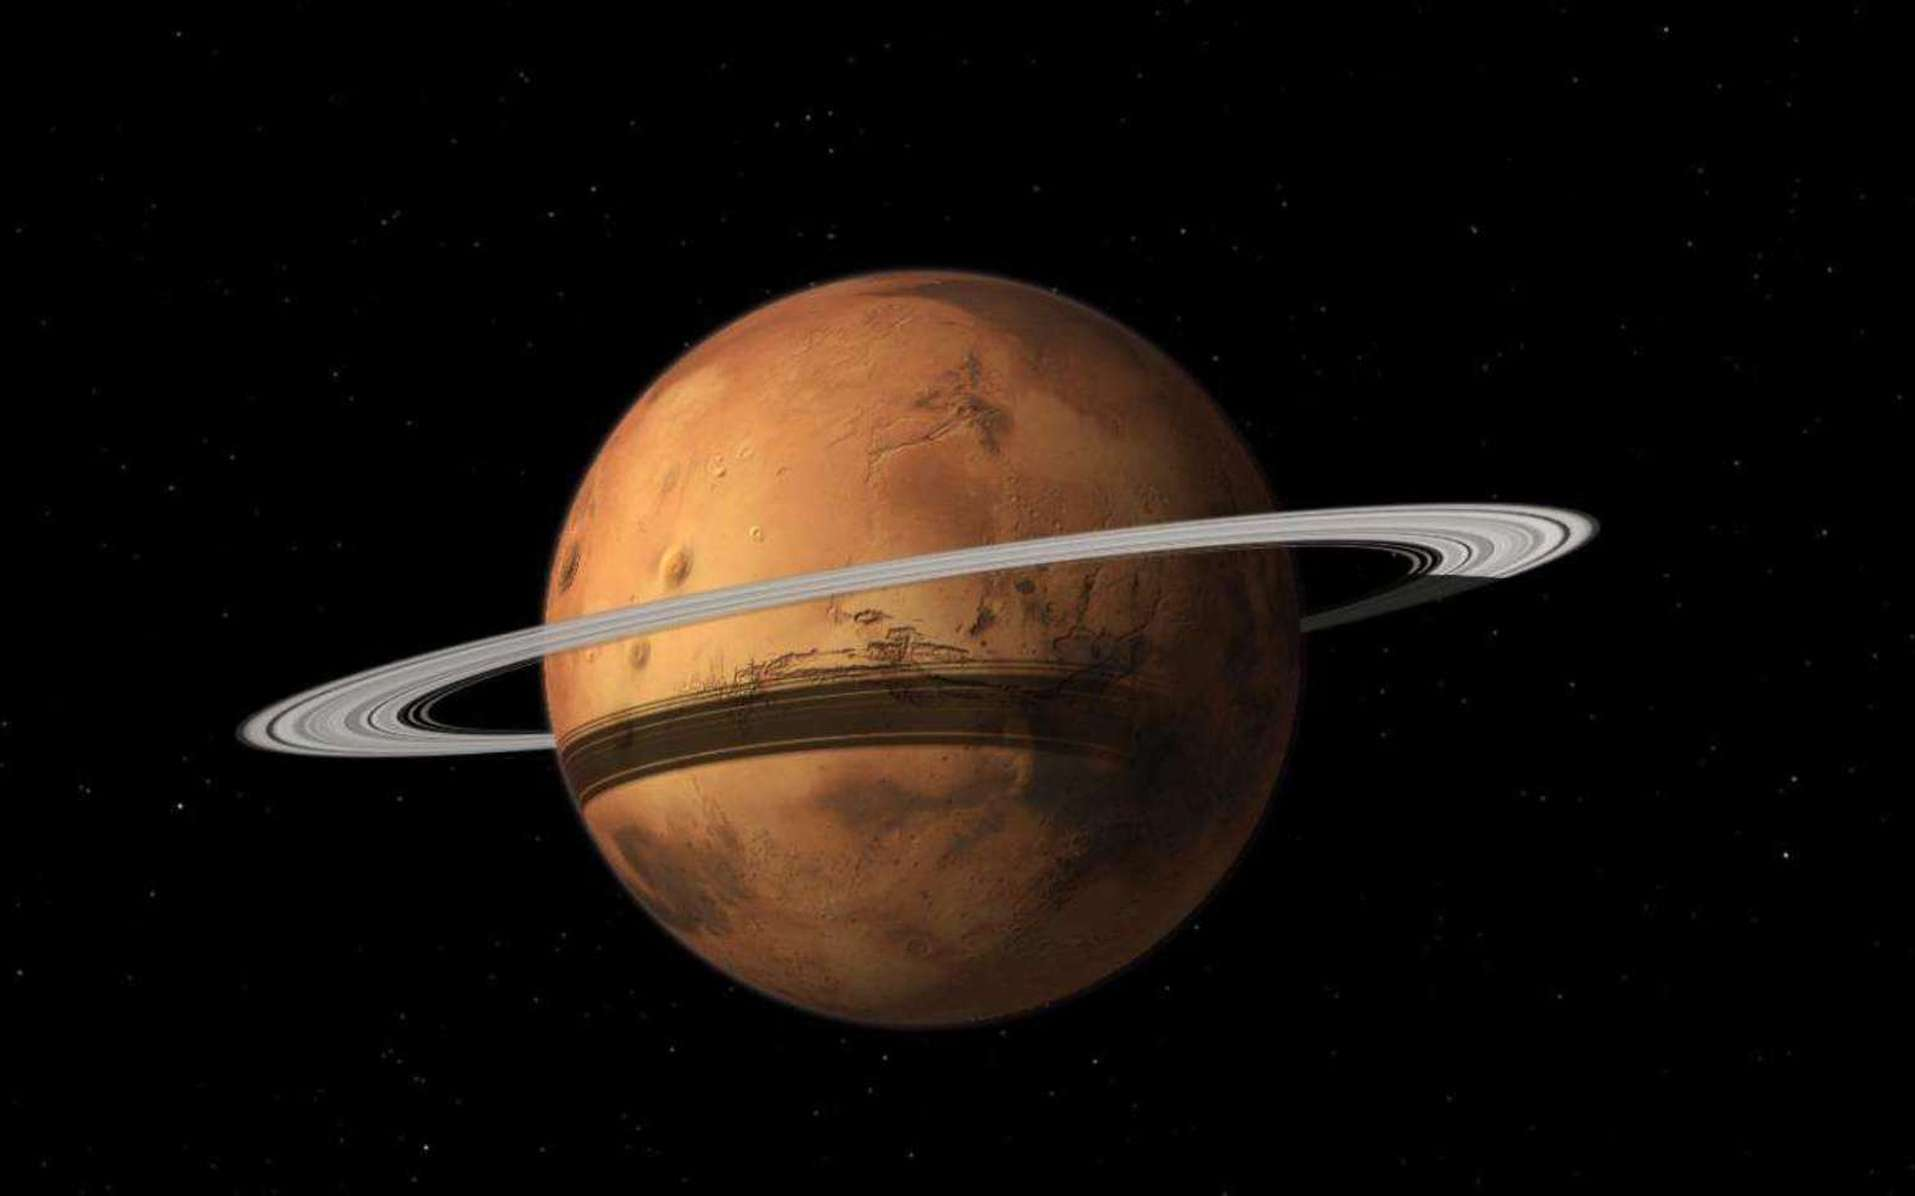 Mars pourrait s'entourer d'anneaux après avoir mis en pièces Phobos dans 20 à 40 millions d'années. © Tushar Mittal, Celestia 2001-2010, Celestia Development Team